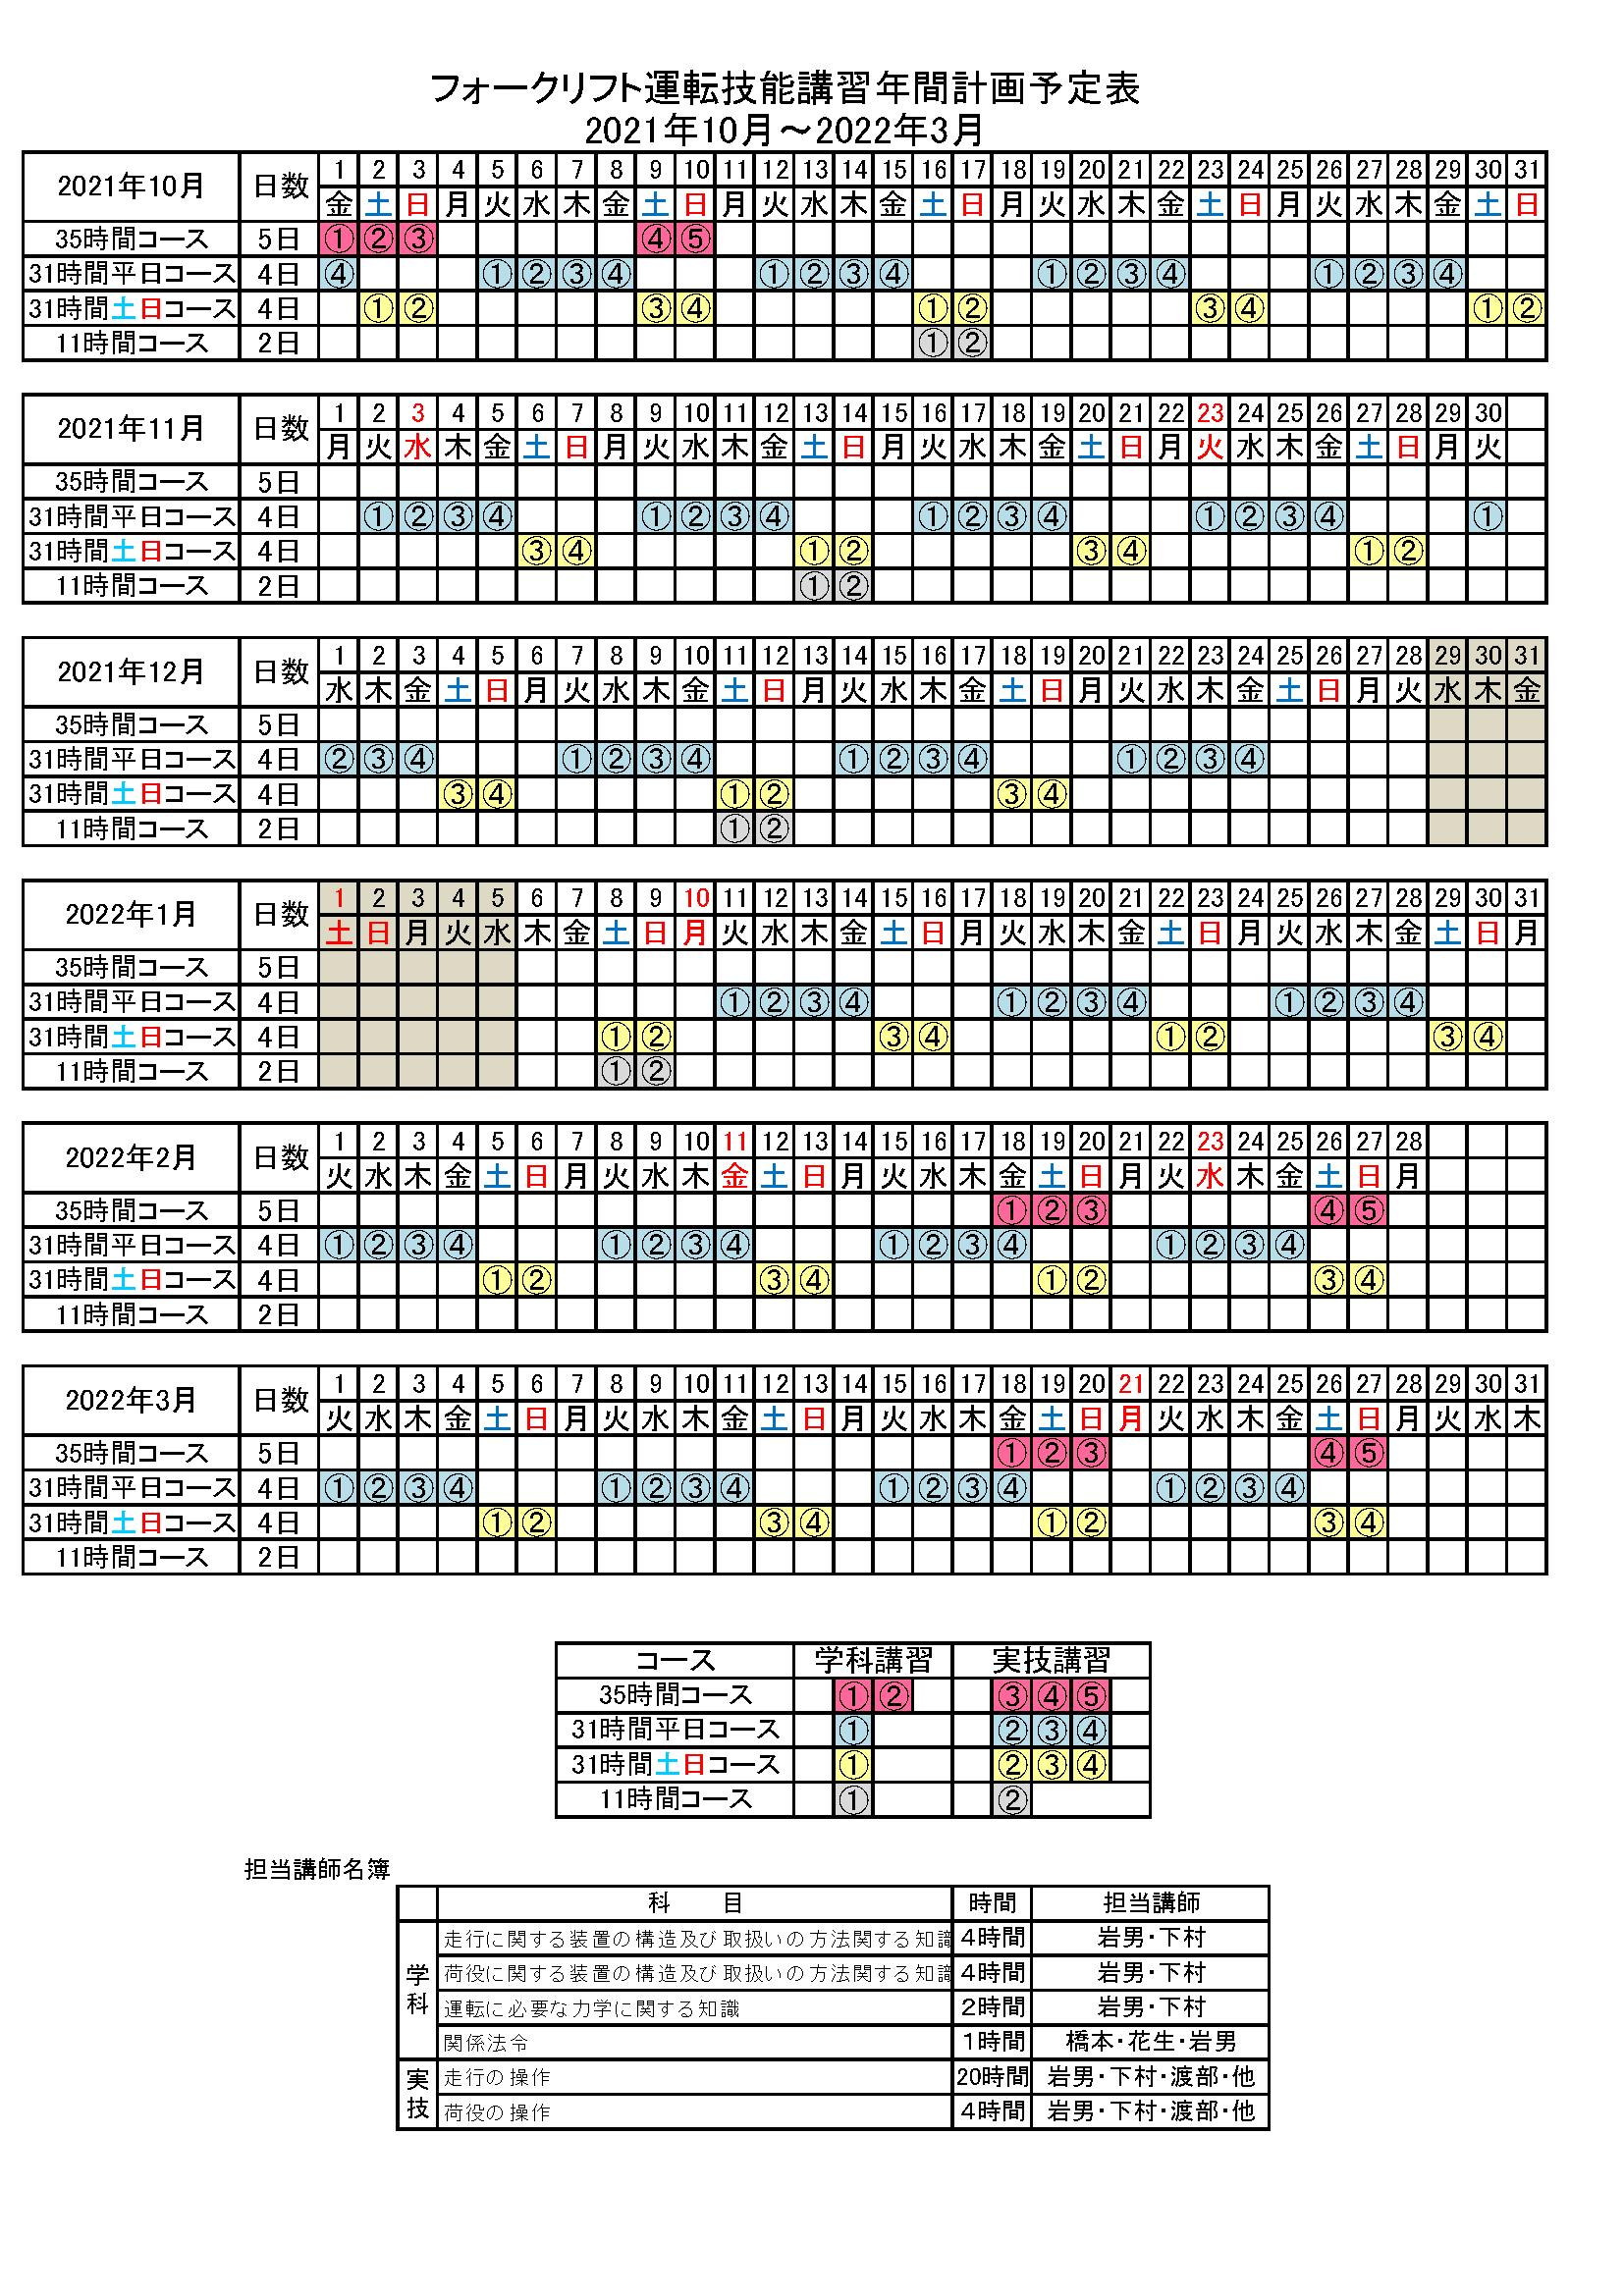 フォークリフト2021年10月〜2022年03月の講習日程